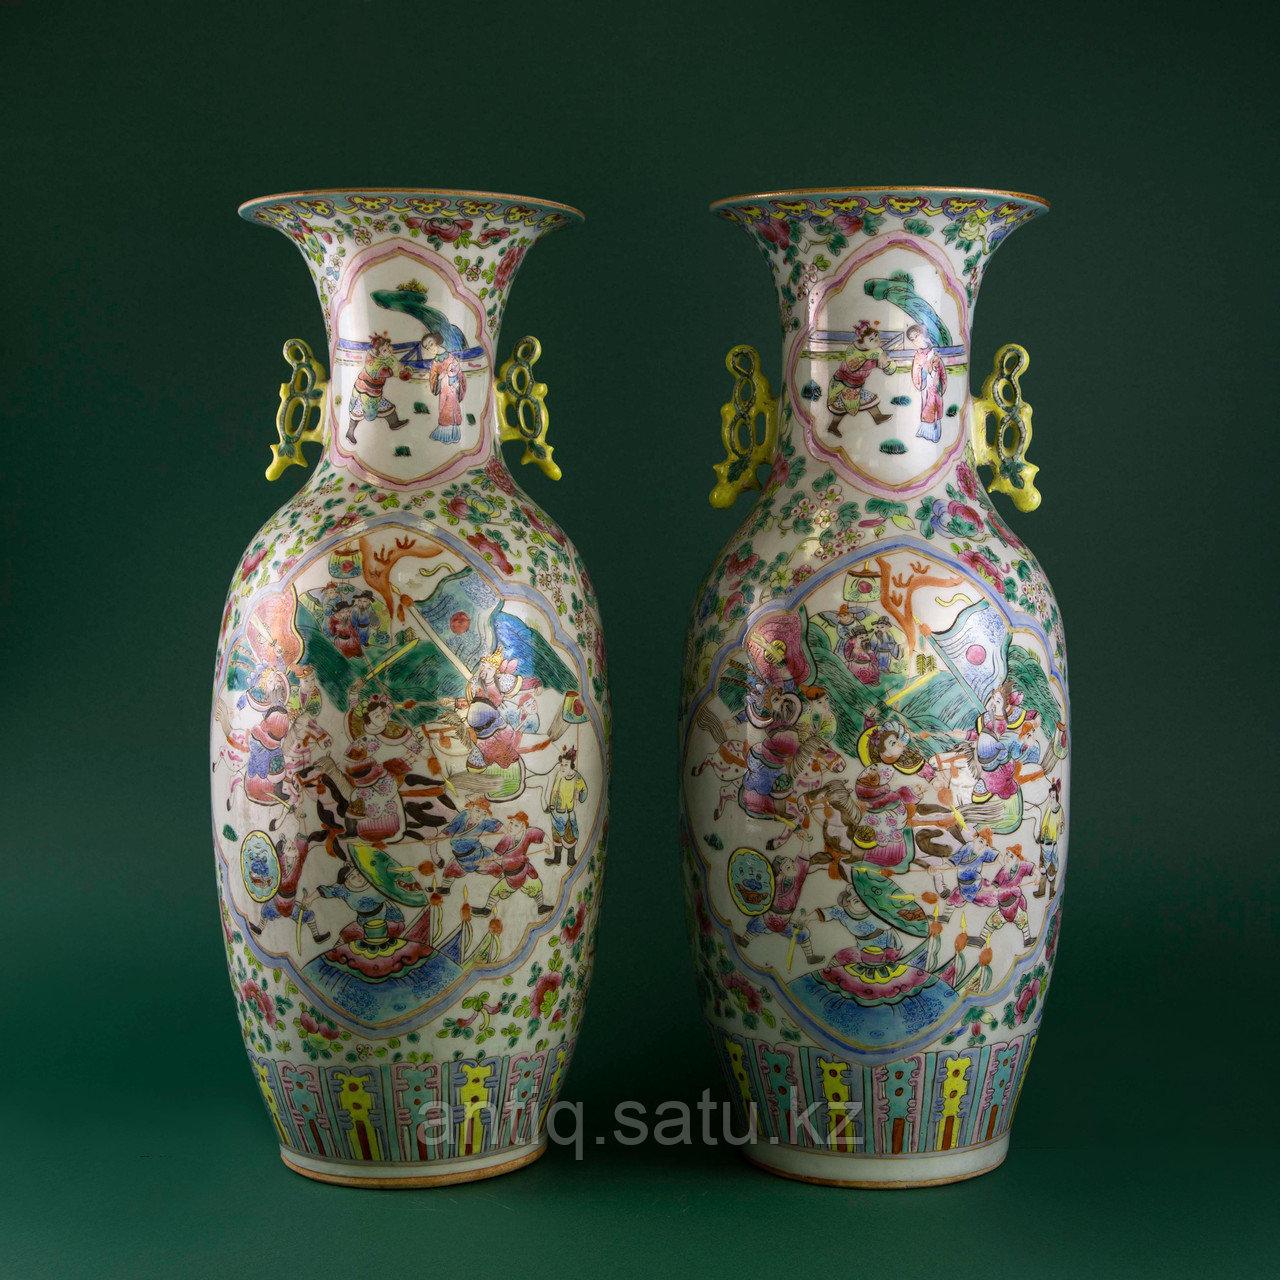 Парадные вазы. Китай. Начало ХХ века - фото 1